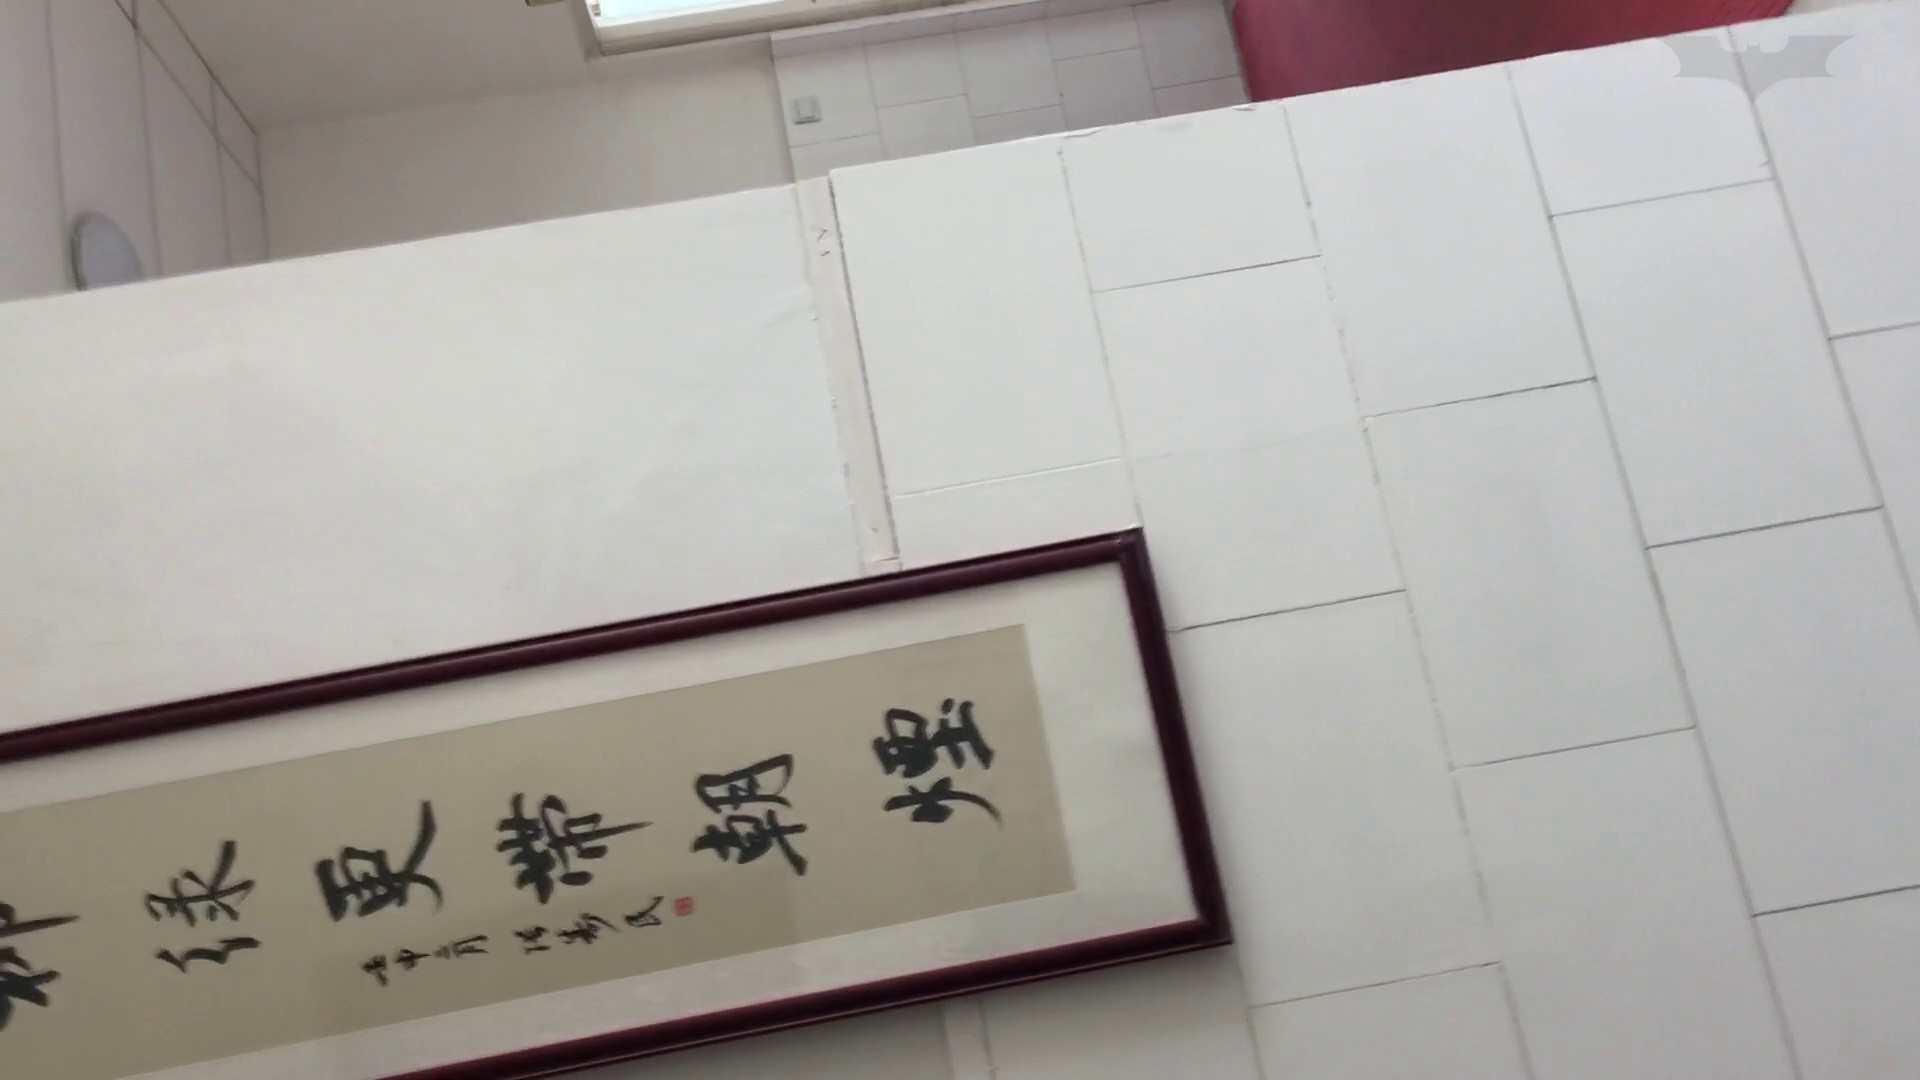 芸術大学ガチ潜入盗sati JD盗撮 美女の洗面所の秘密 Vol.95 マンコ | OLの実態  72pic 57